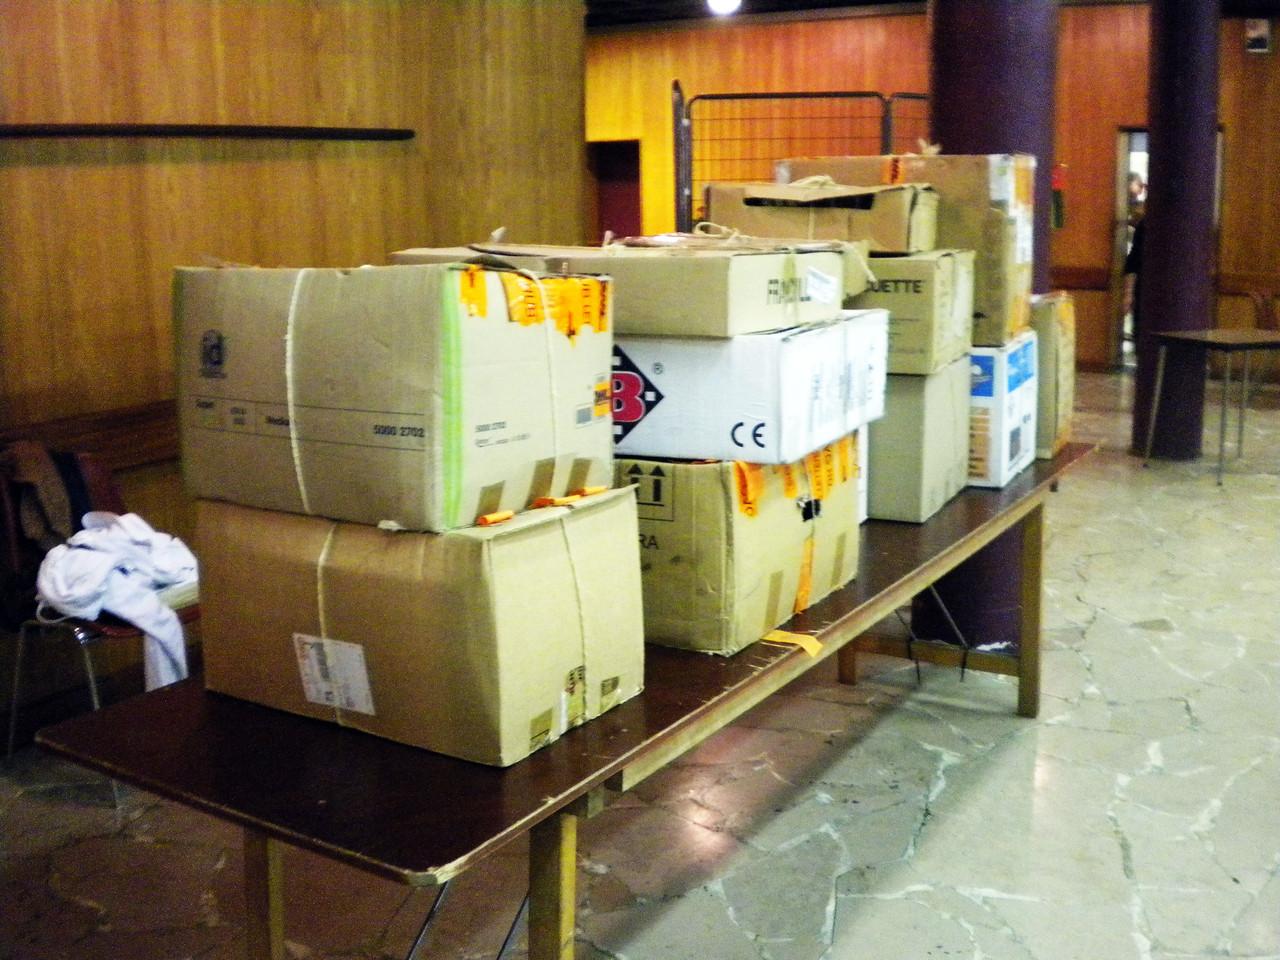 les cartons attendront l'an prochain pour être à nouveau déballés